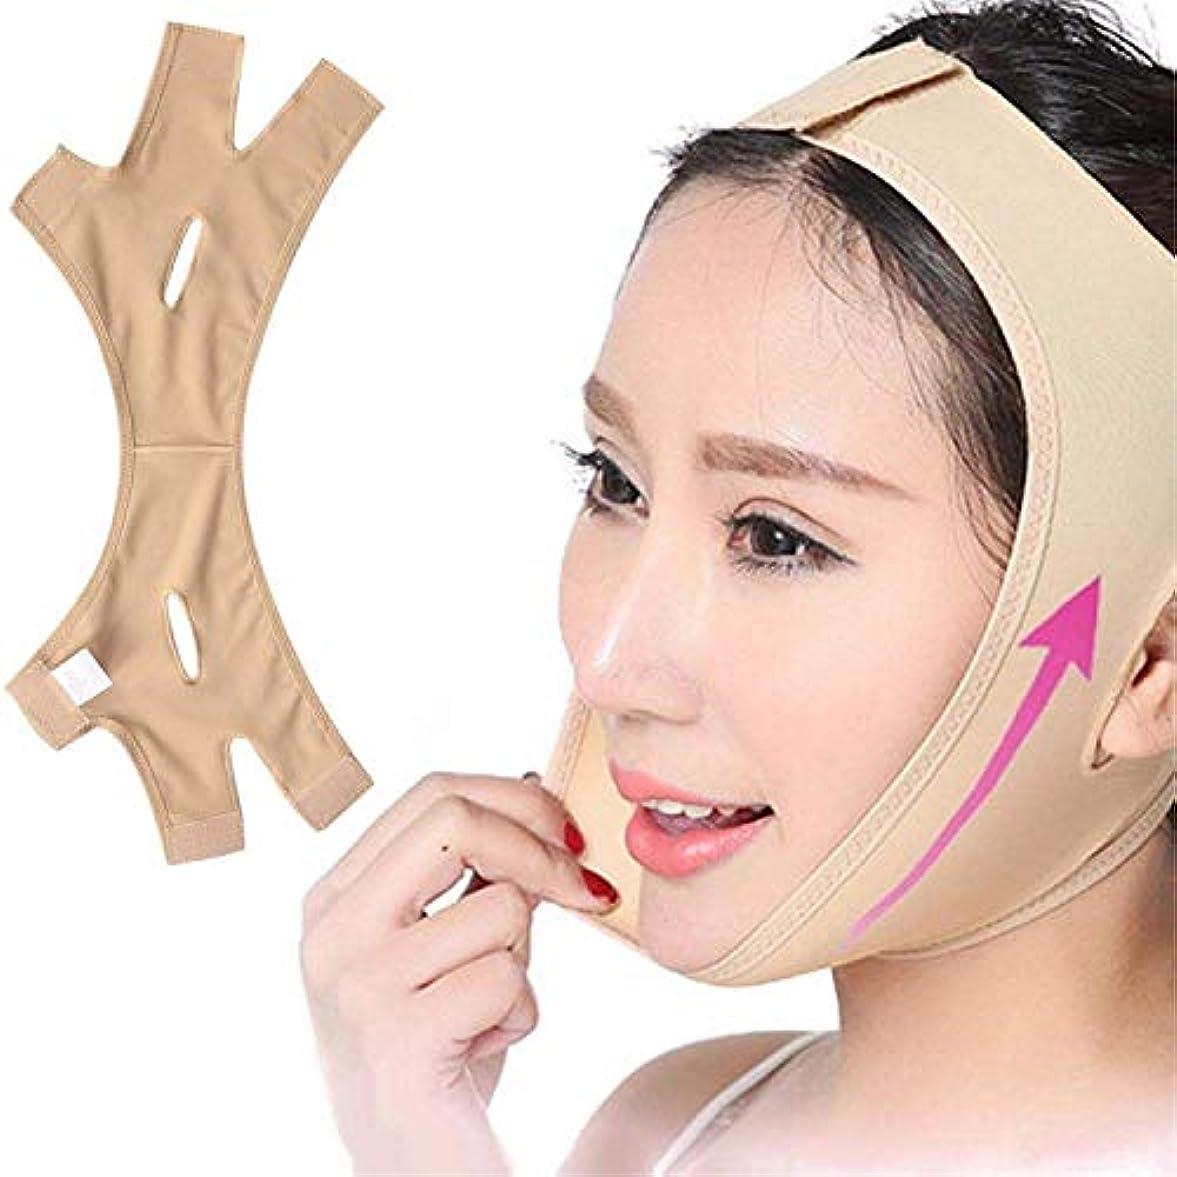 なるファックス瞑想するWSJTT VラインチンアップパッチダブルチンリデューサーチンがVアップ輪郭がパッチ圧縮二重あごが包帯を削減リフティングファーミングフェイスリフトテープネックマスクVラインを引き締めマスクマスク (Size : XL)